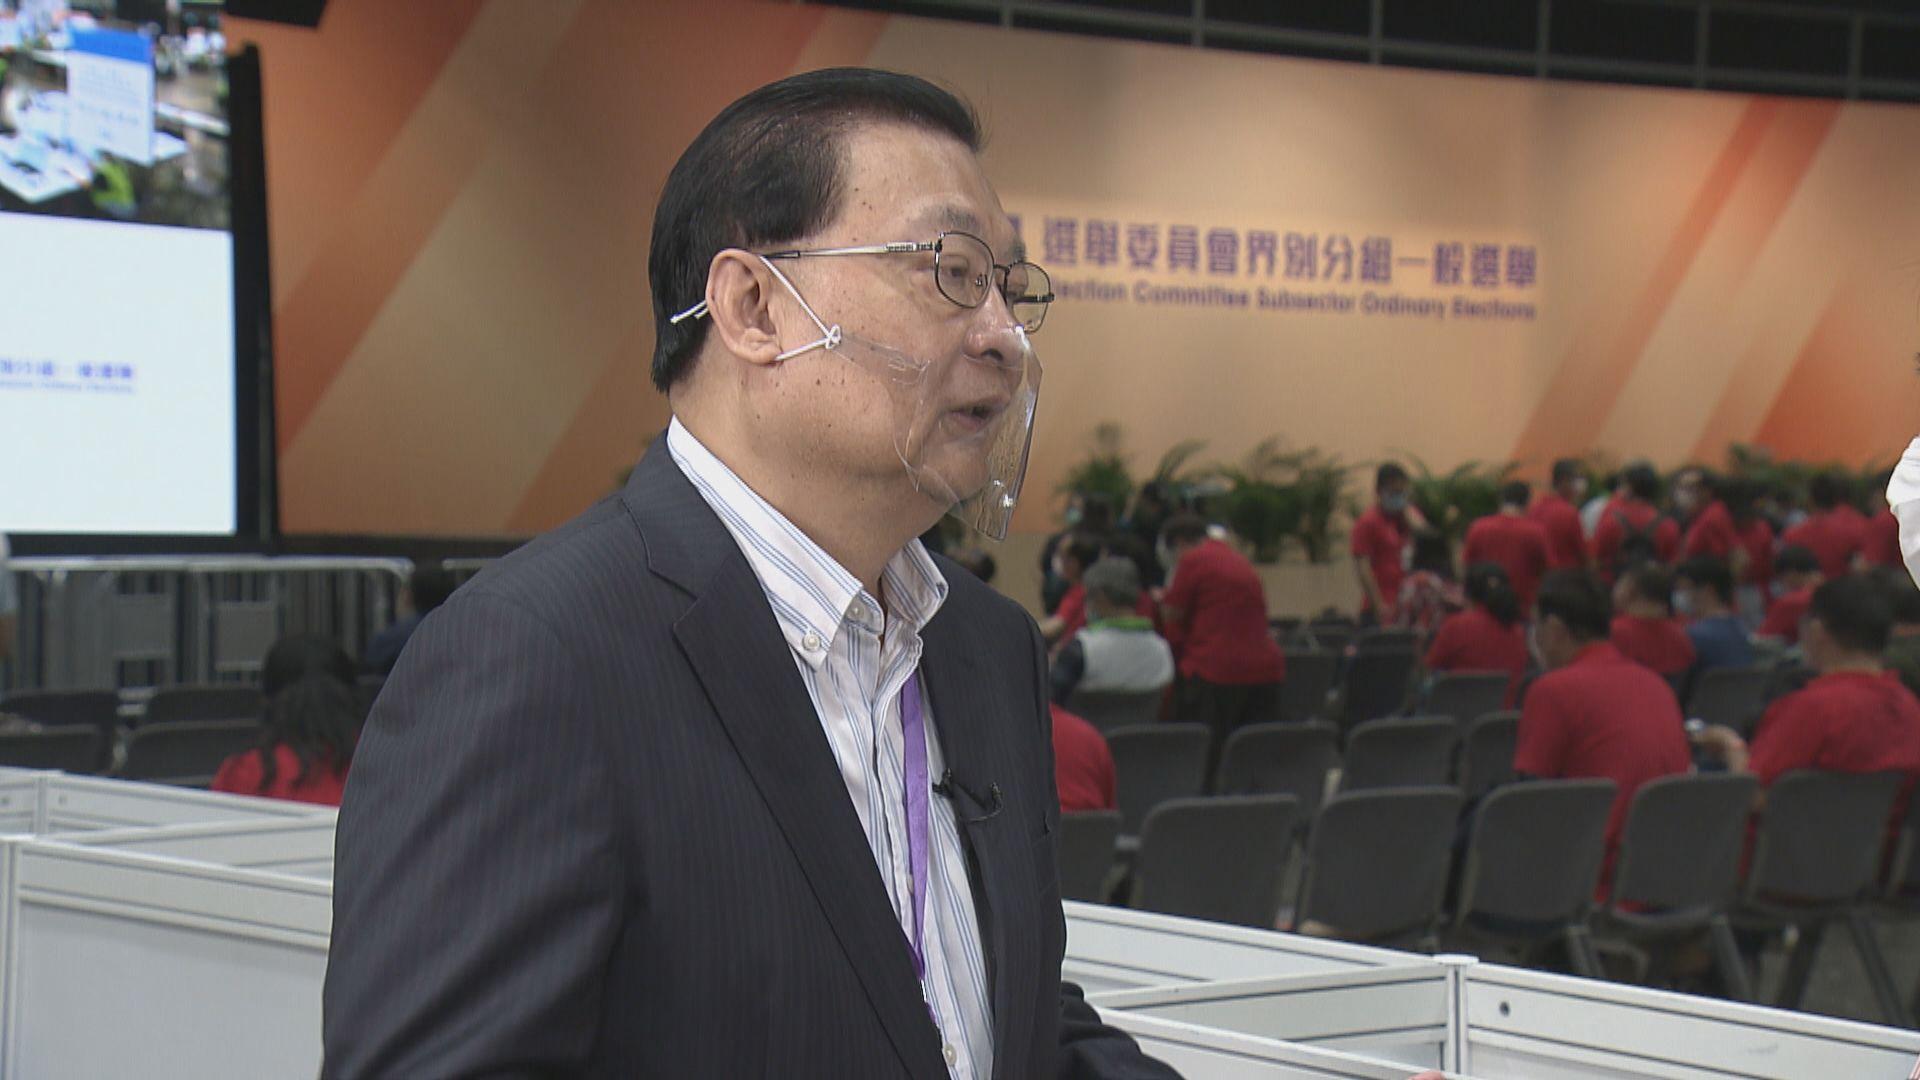 【選委會選舉】譚耀宗估計選委會選舉投票率較低界別或有個別考慮